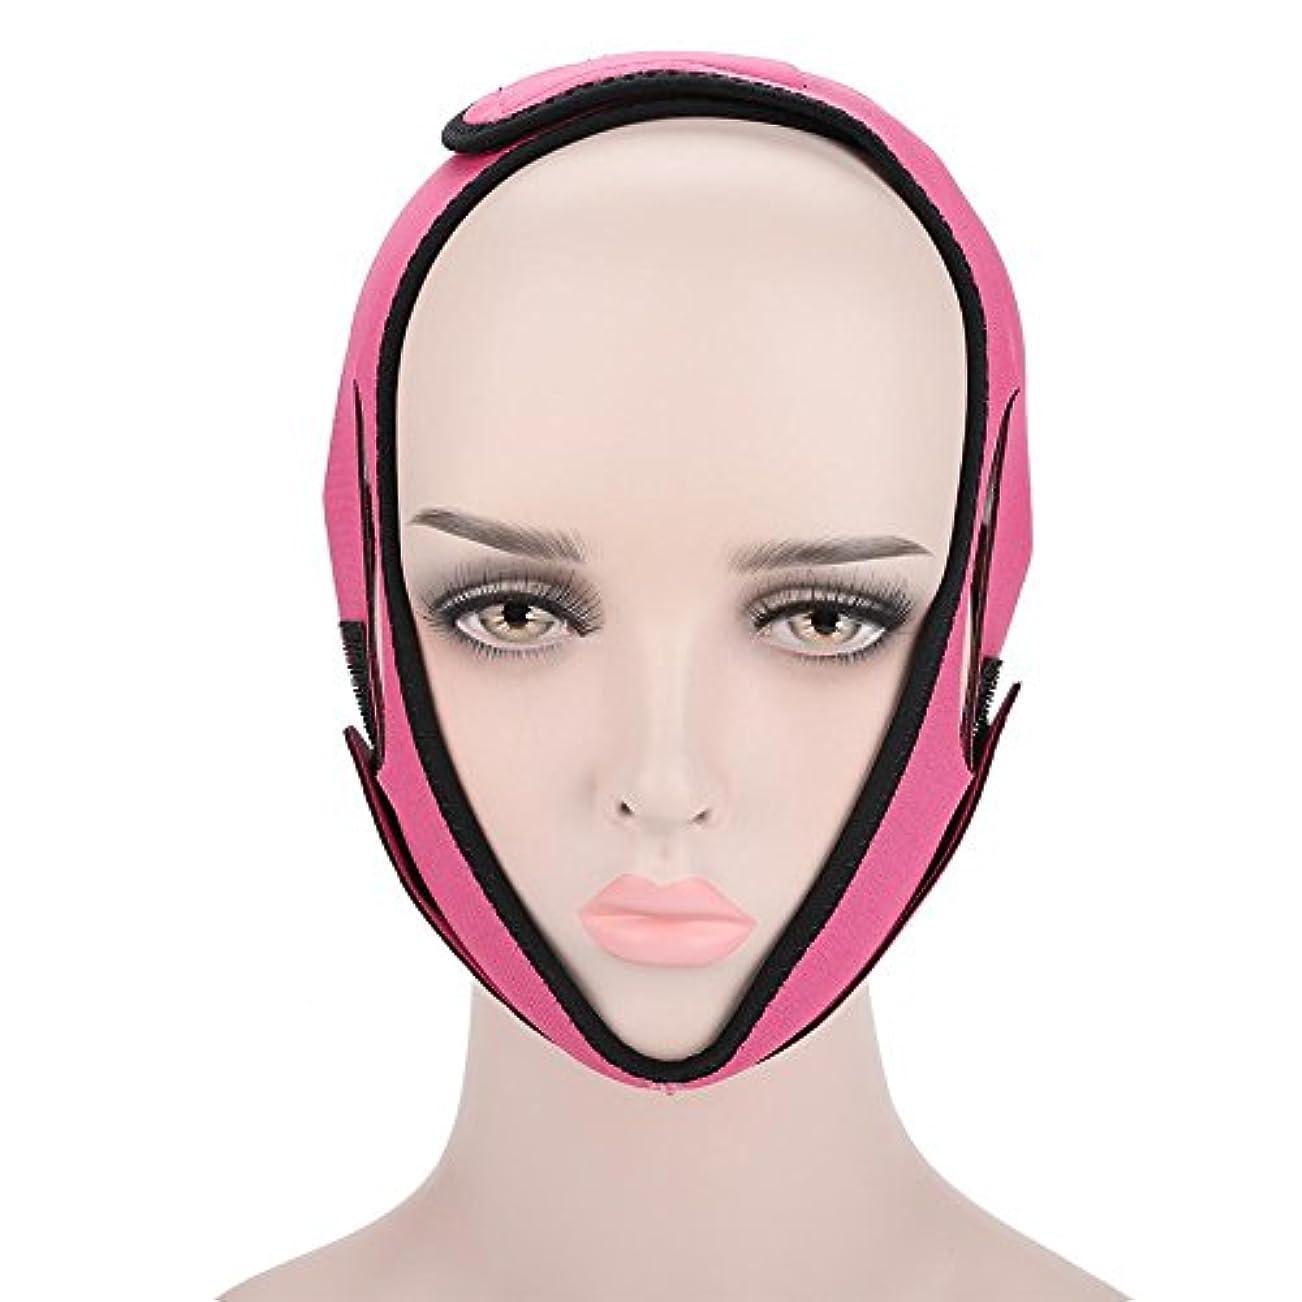 グリップジャンピングジャック非互換フェイススリミング包帯 顔の包帯フェイシャルスリミングマスクフェイシャルケアのためのフェイシャルベルト薄い首のフェイスリフトダブルチン女性のための(3#)